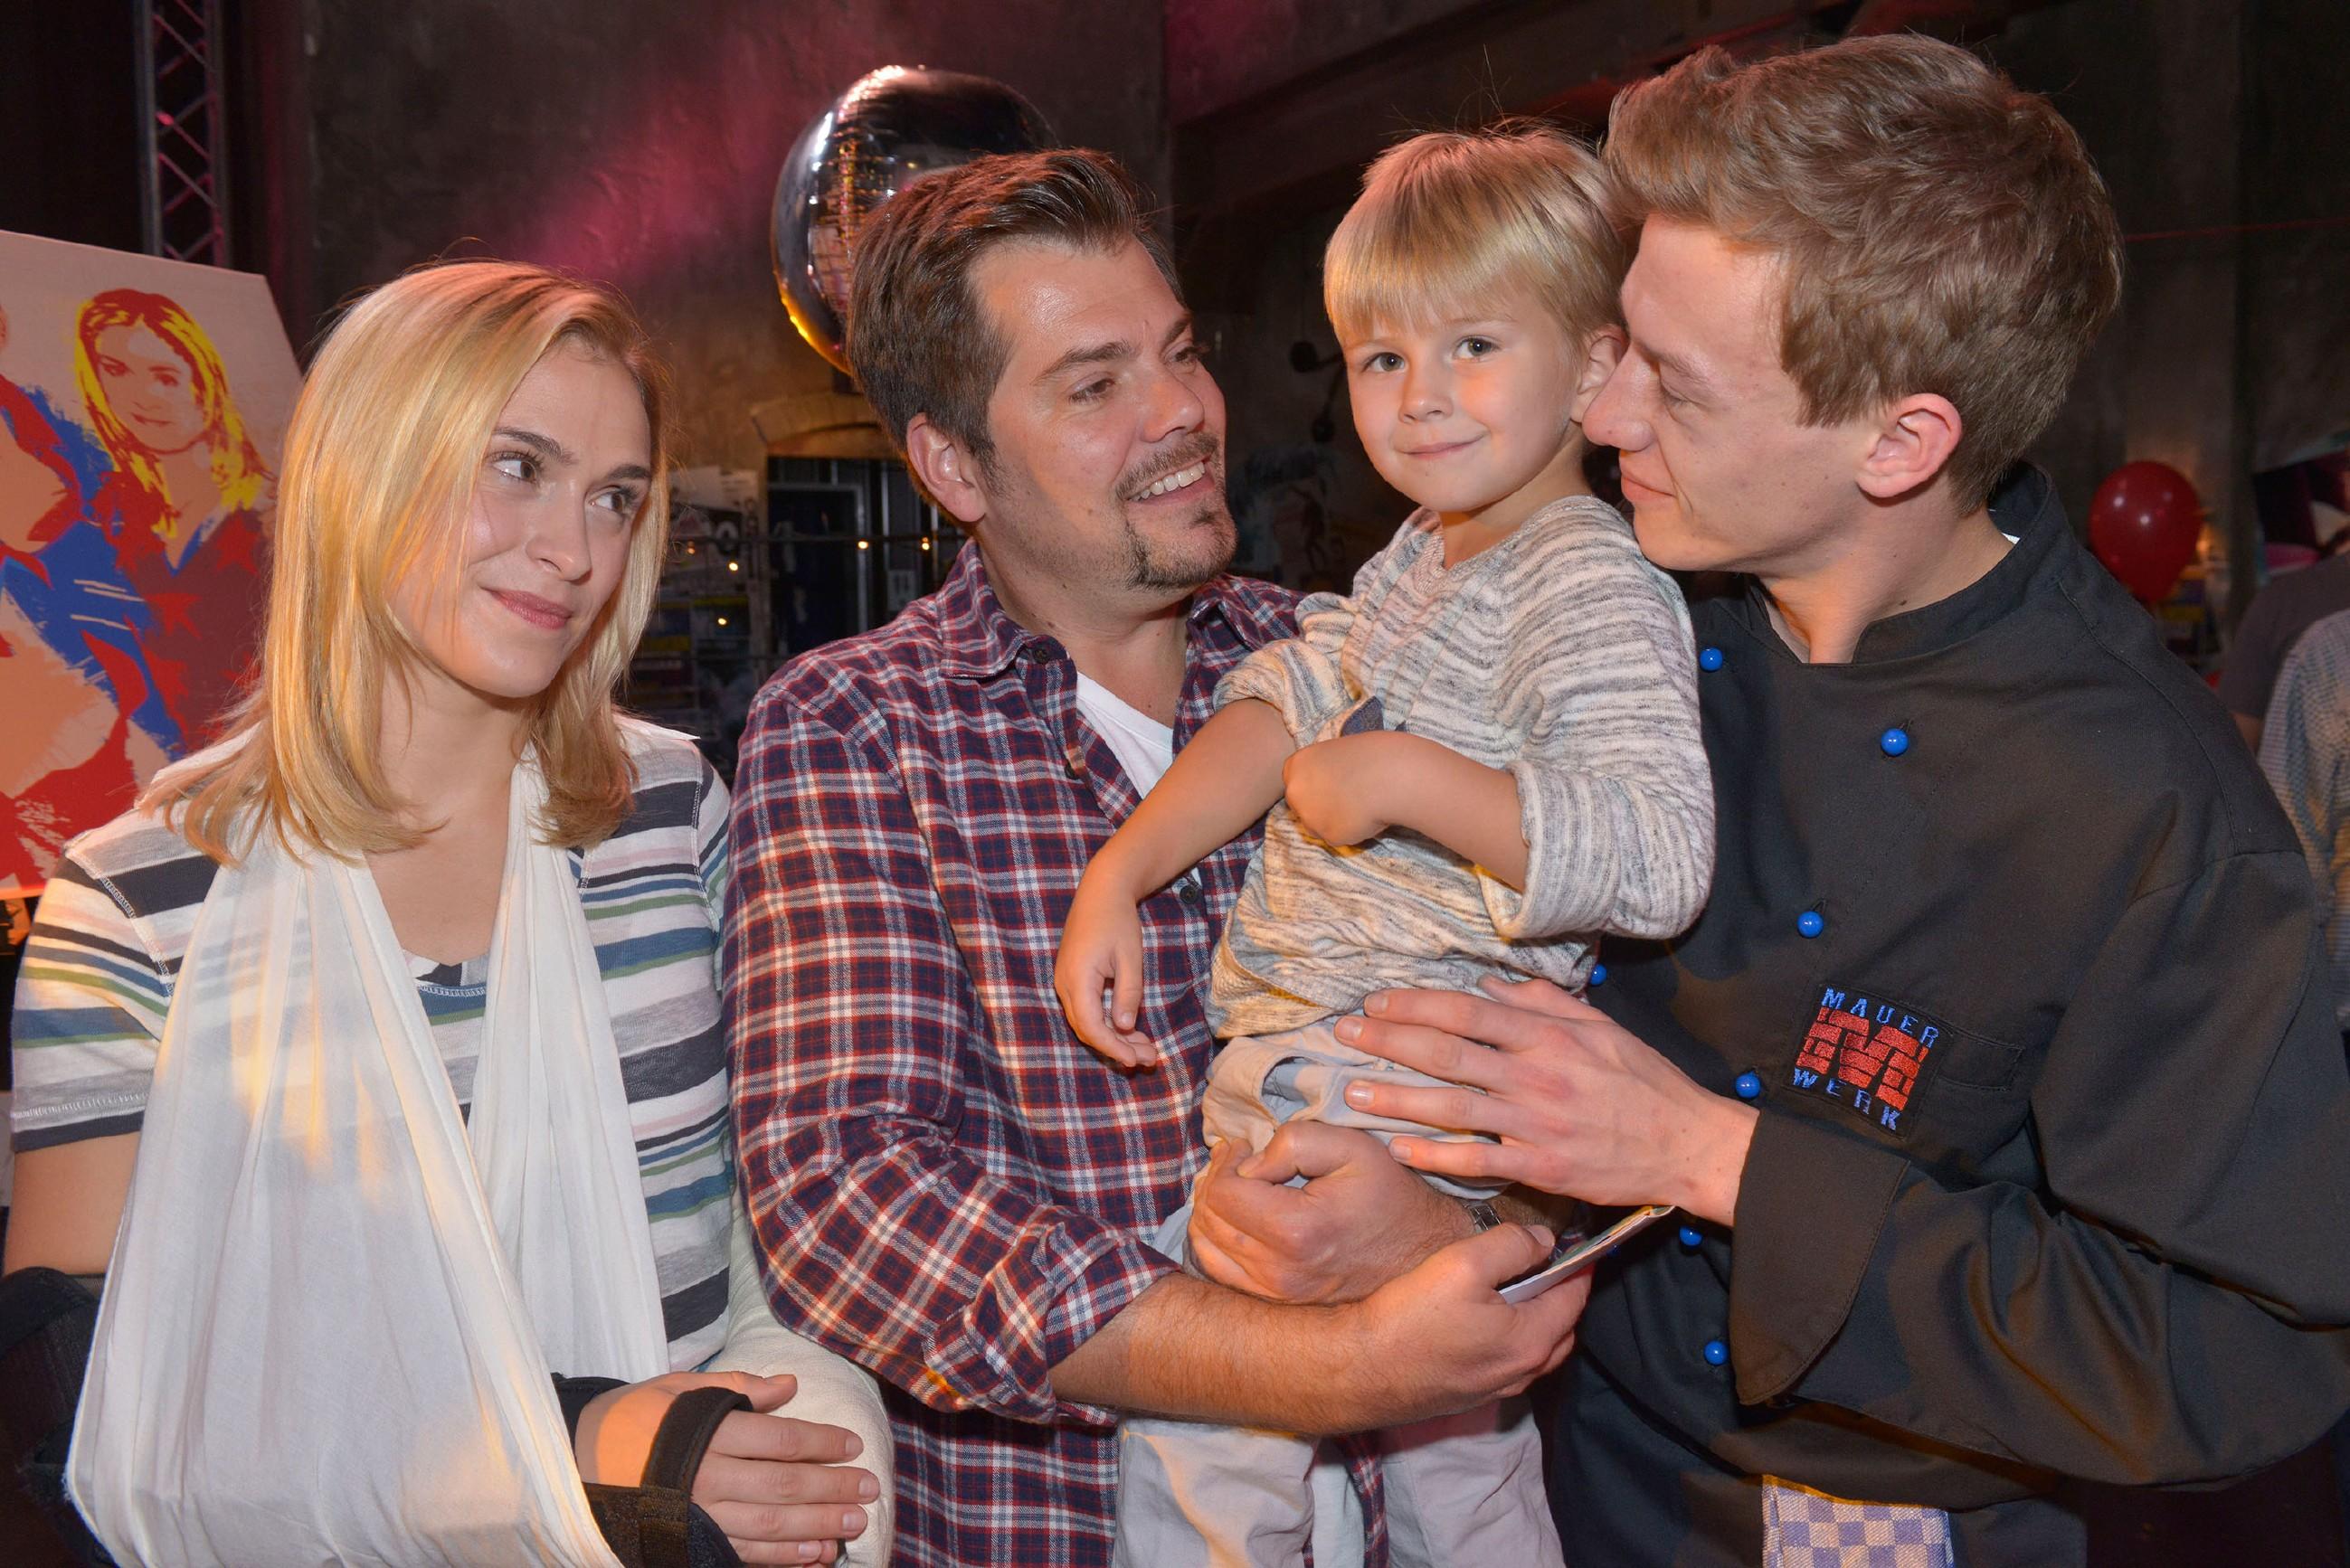 Leon feiert seinen 40. Geburtstag und ist glücklich und dankbar, Sophie (Lea Marlen Woitack), Oscar und Vince (Vincent Krüger, r.) bei sich zu haben.